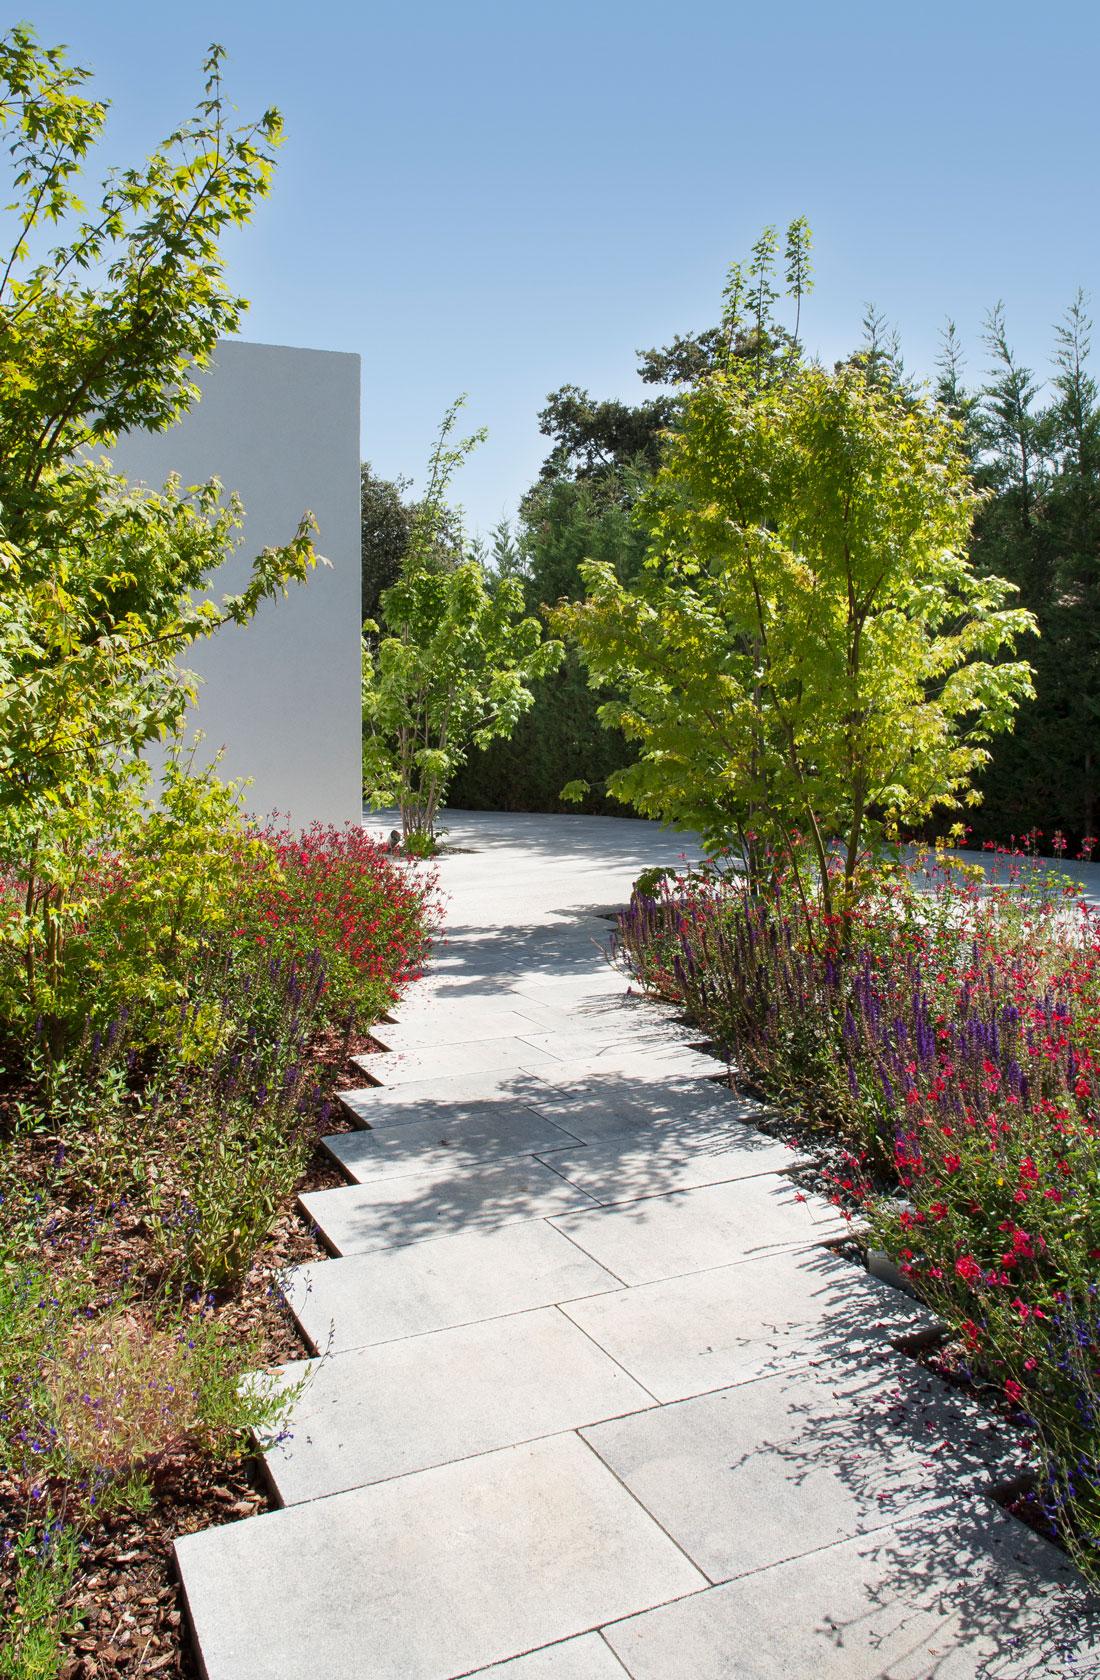 Camino de Acceso a la vivienda en el paisajismo del jardin de reforma en la moraleja